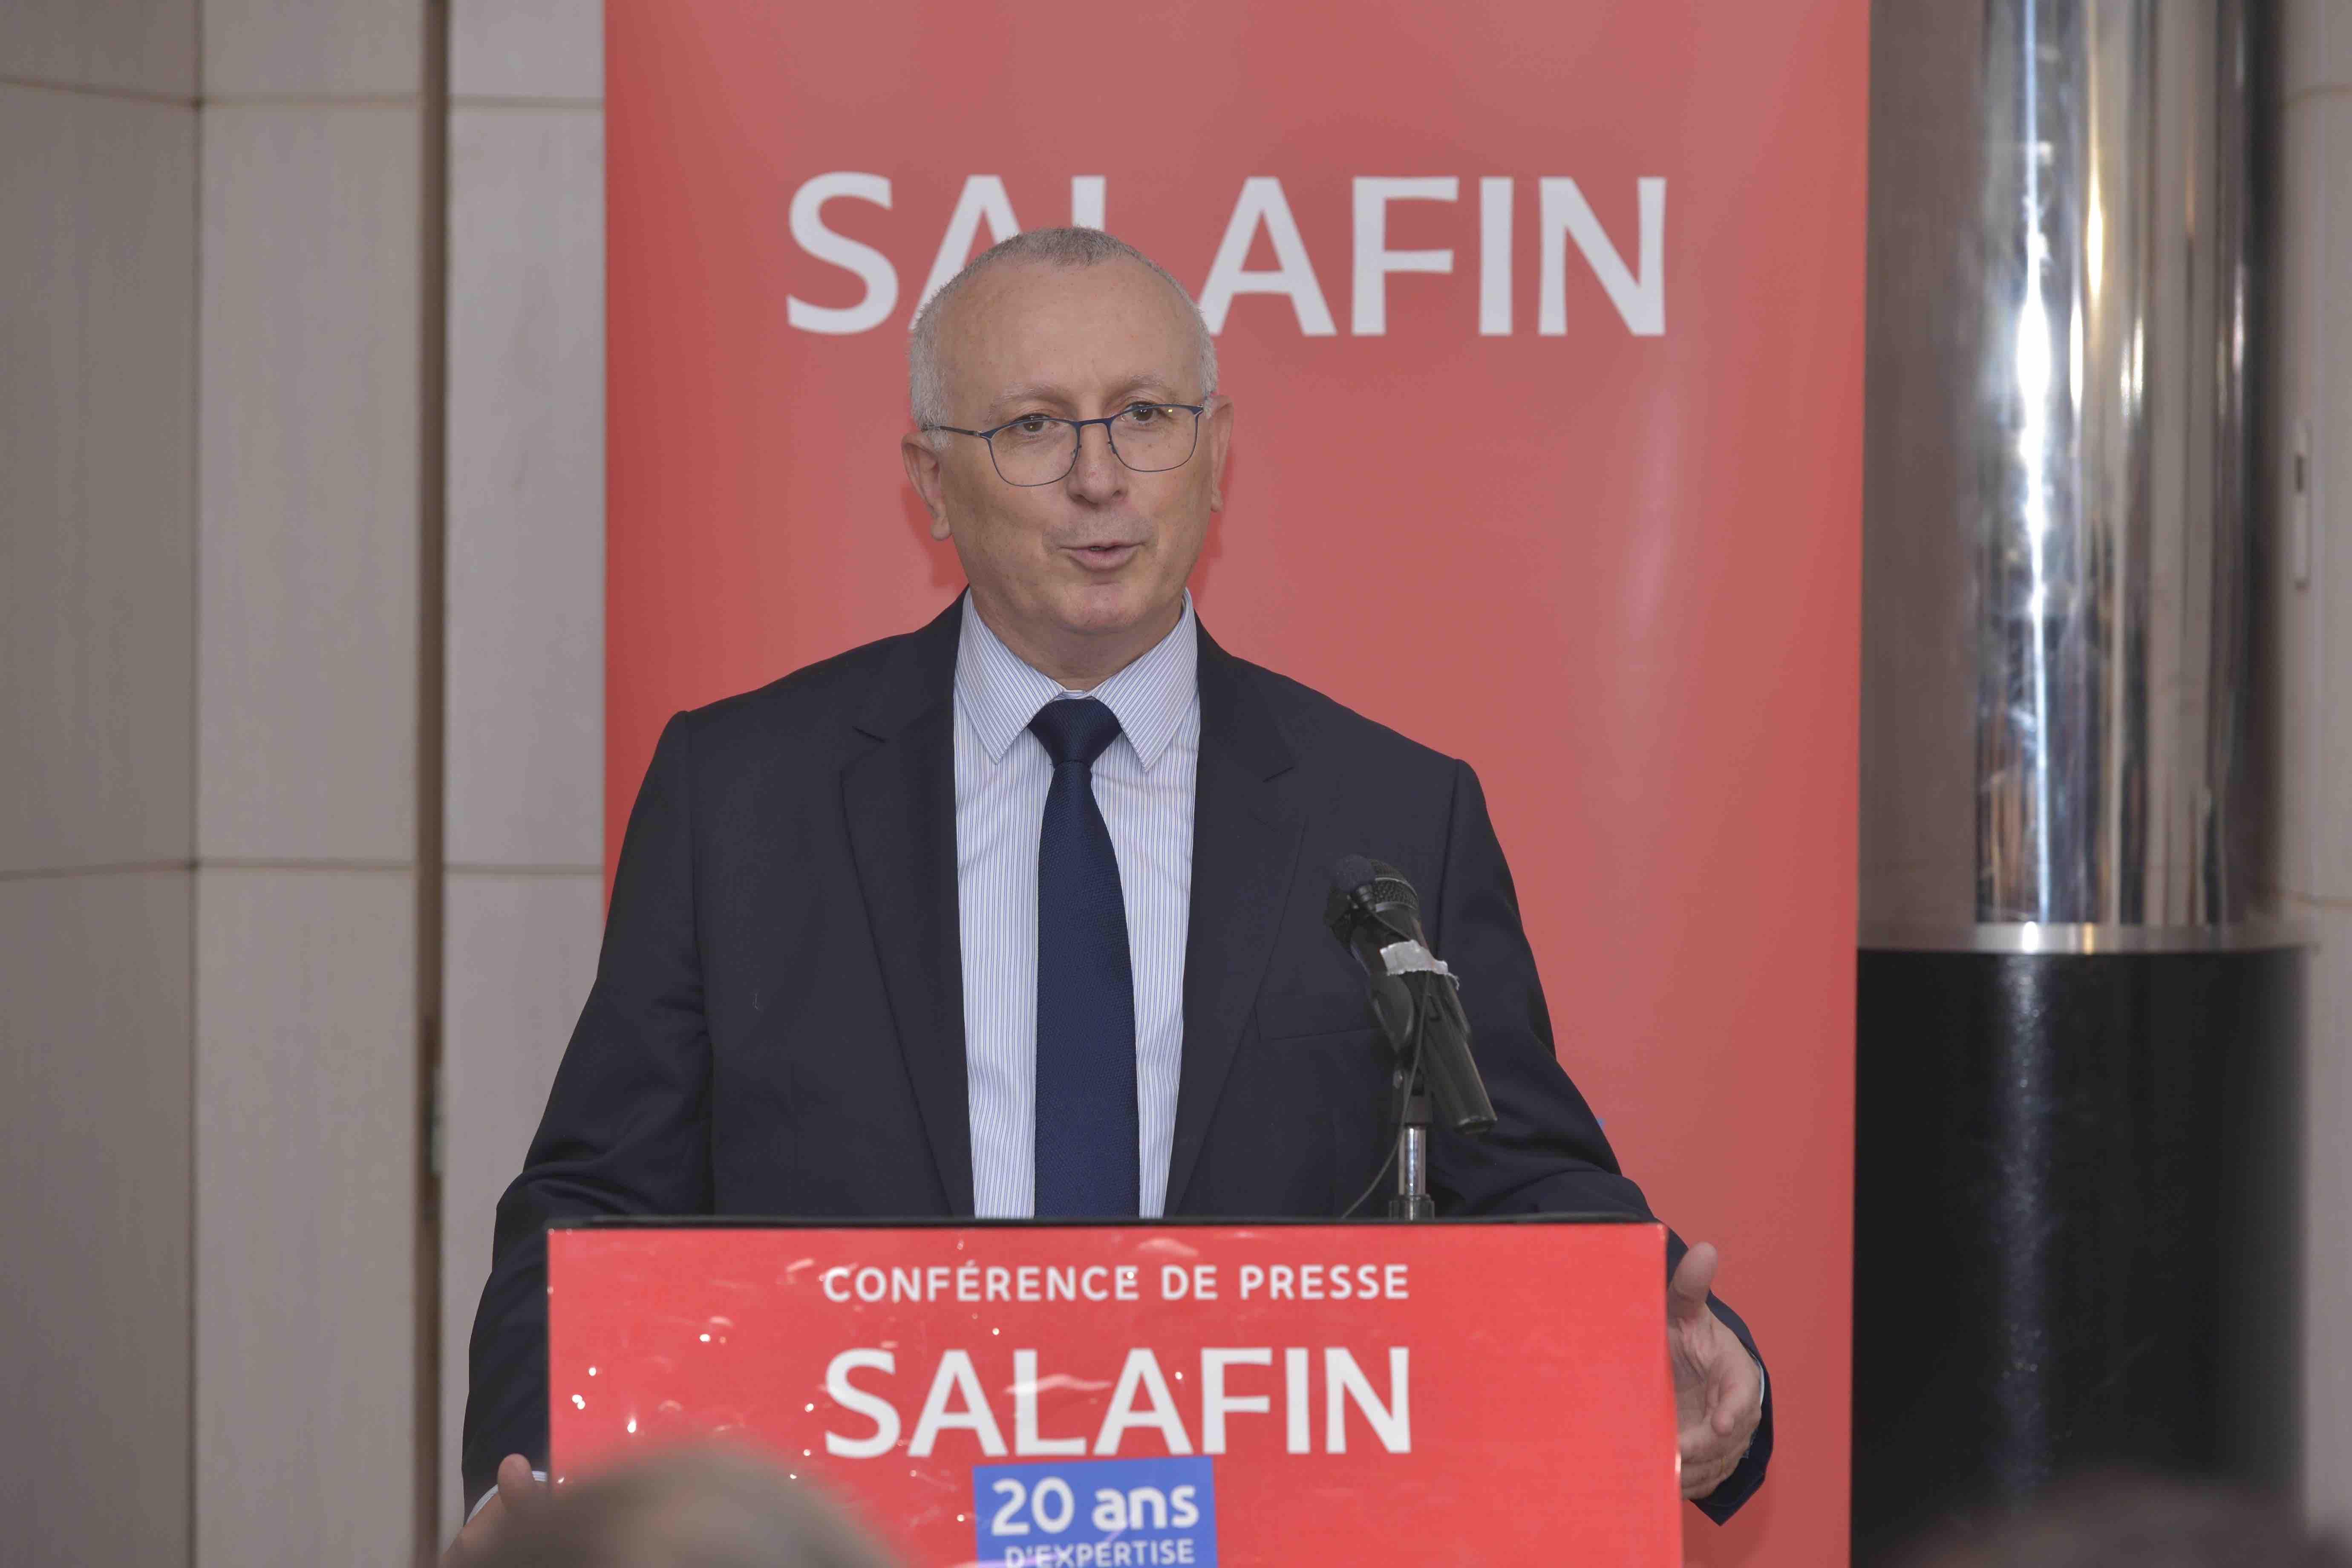 Salafin : Nouvelle identité visuelle et nouvelles ambitions